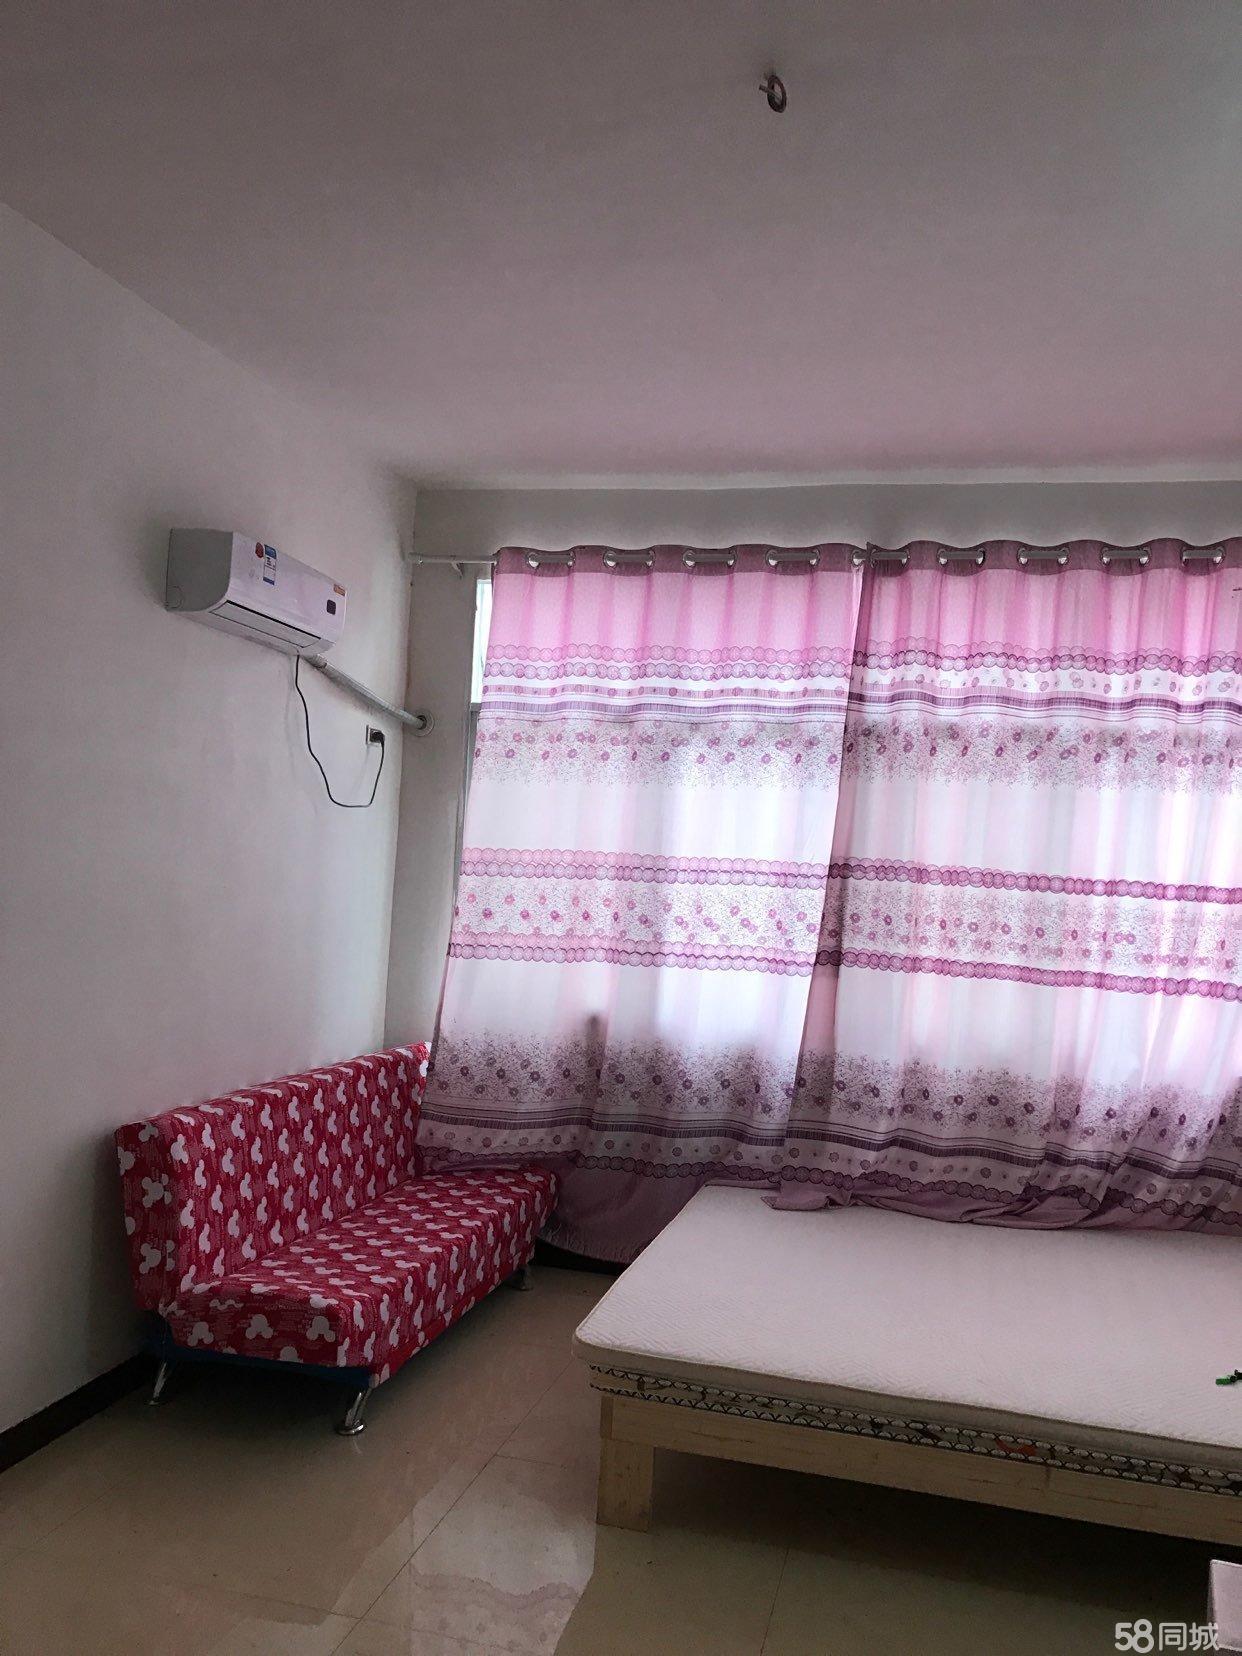 冬青文明小区聚福楼大酒店附近2室1厅1卫